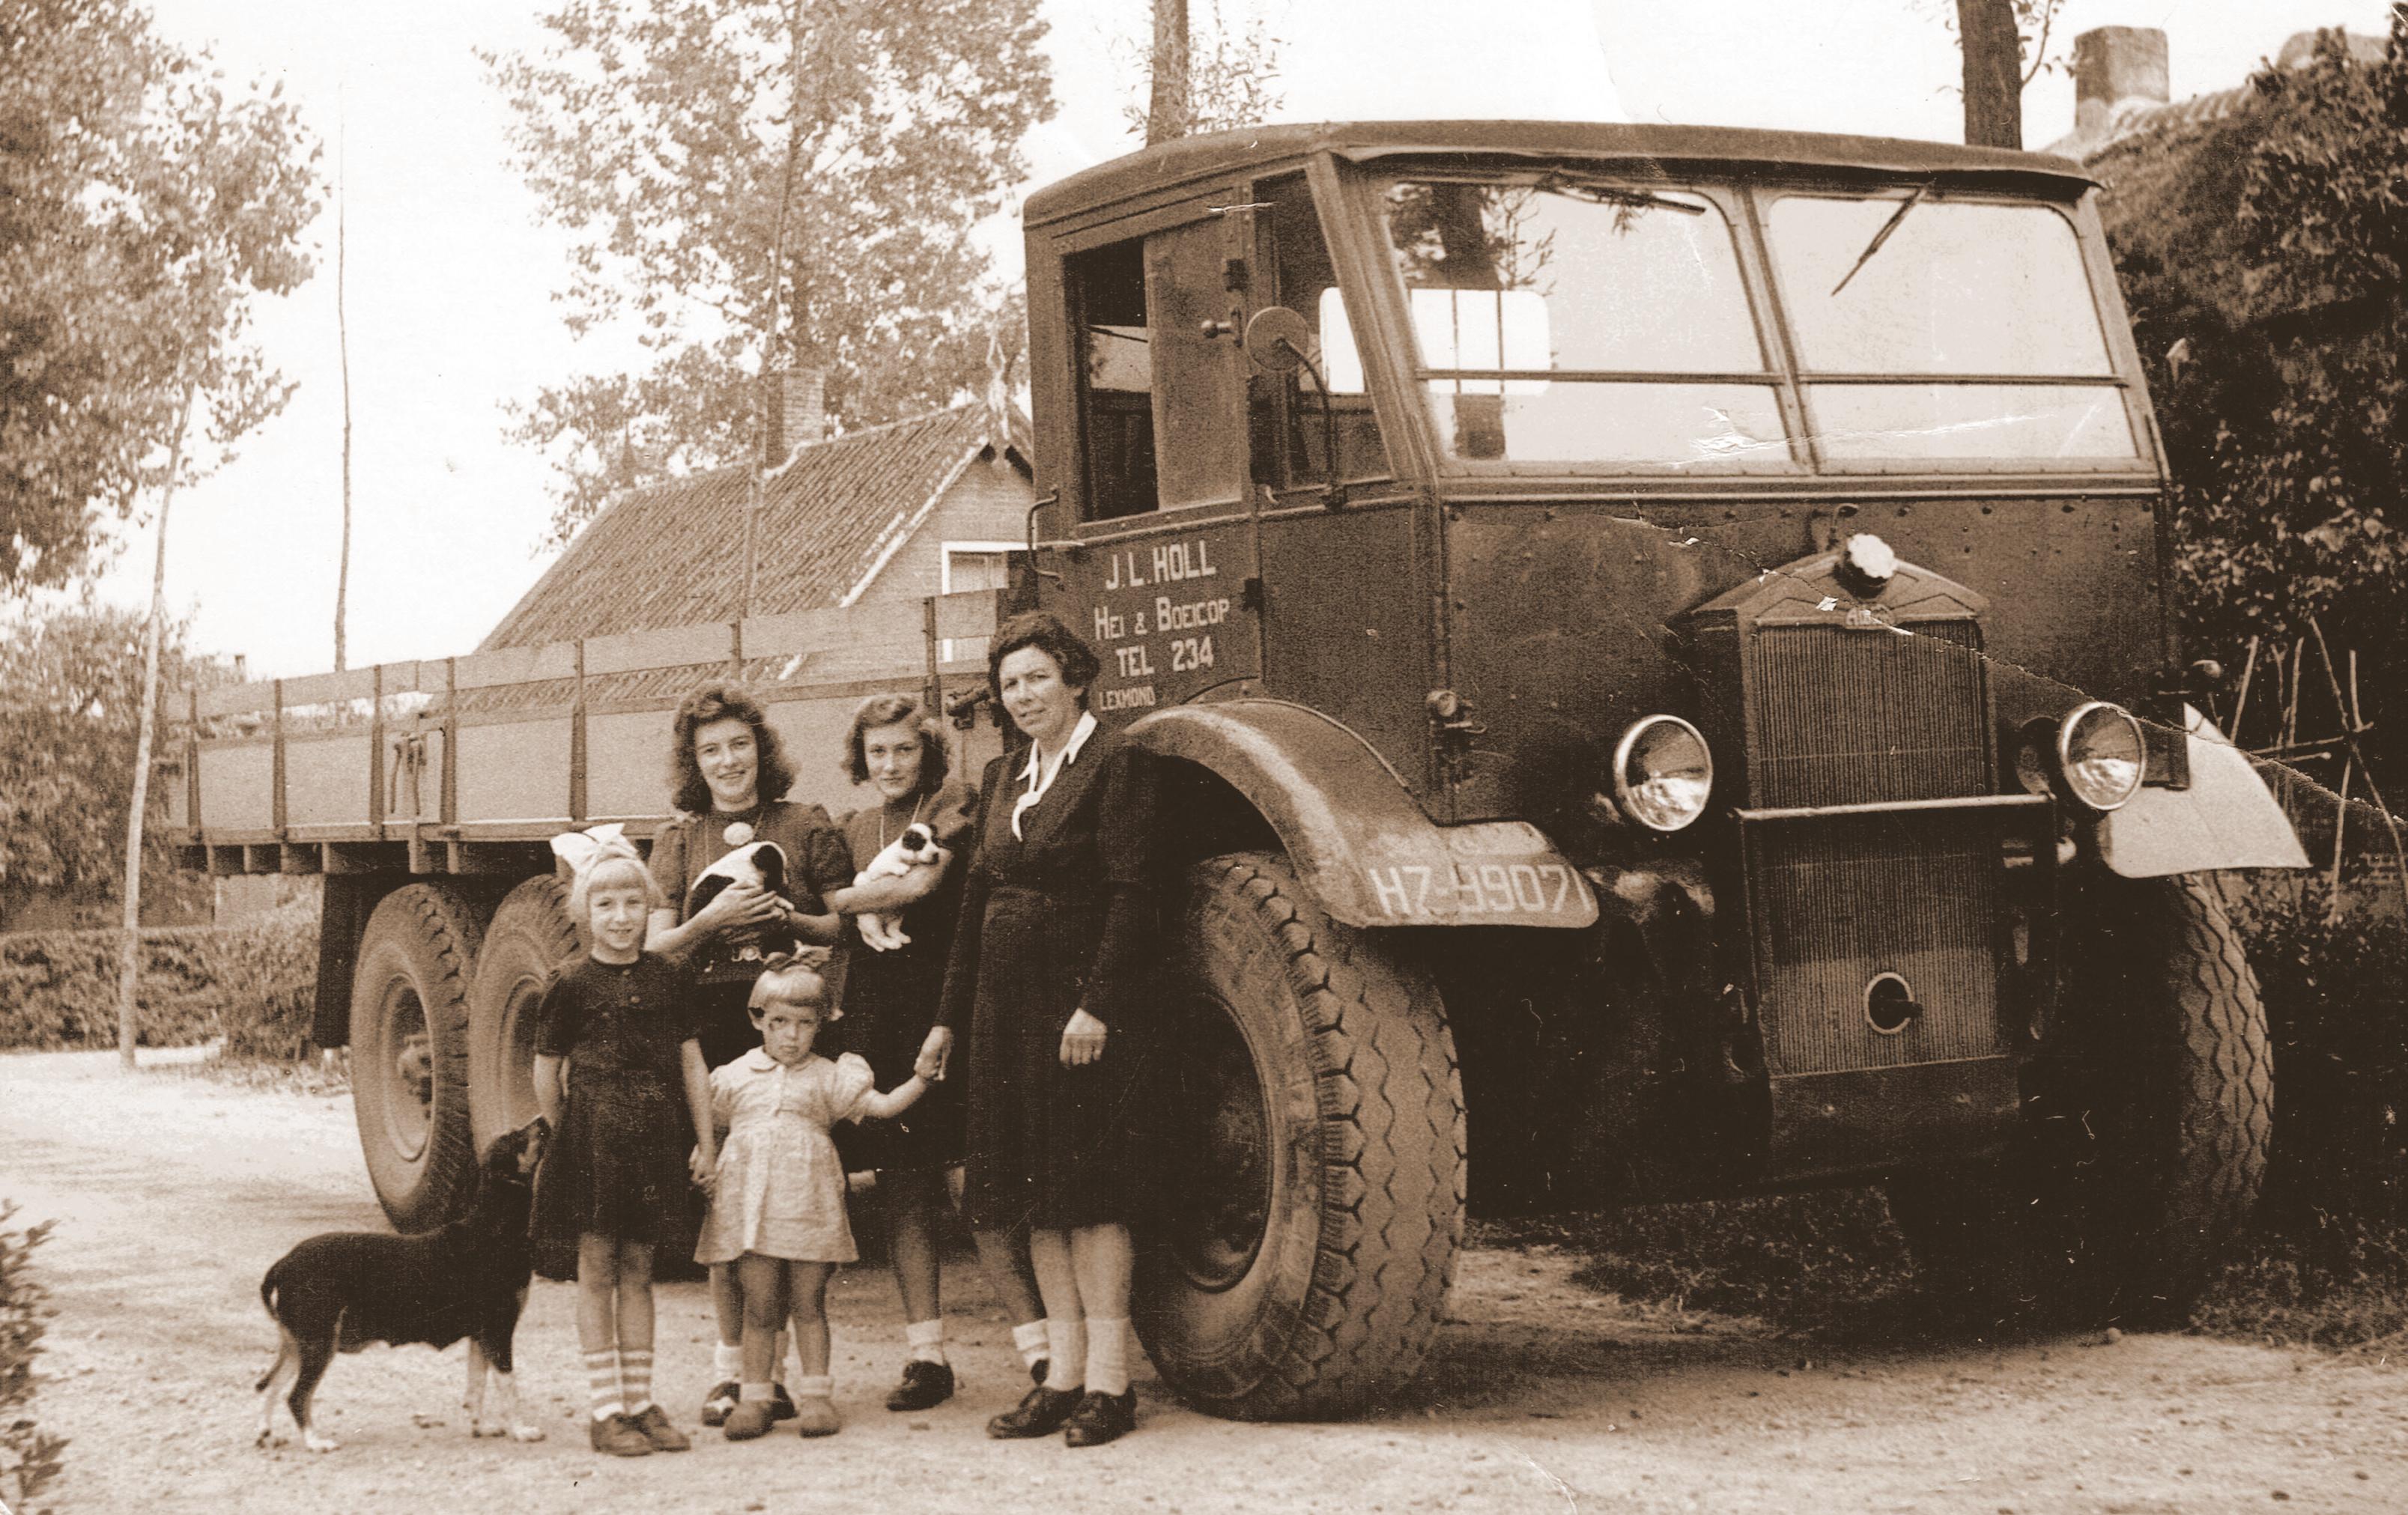 Dump-Een-forse-vrachtauto-van-JL--Holl-met-poserende-familieleden--